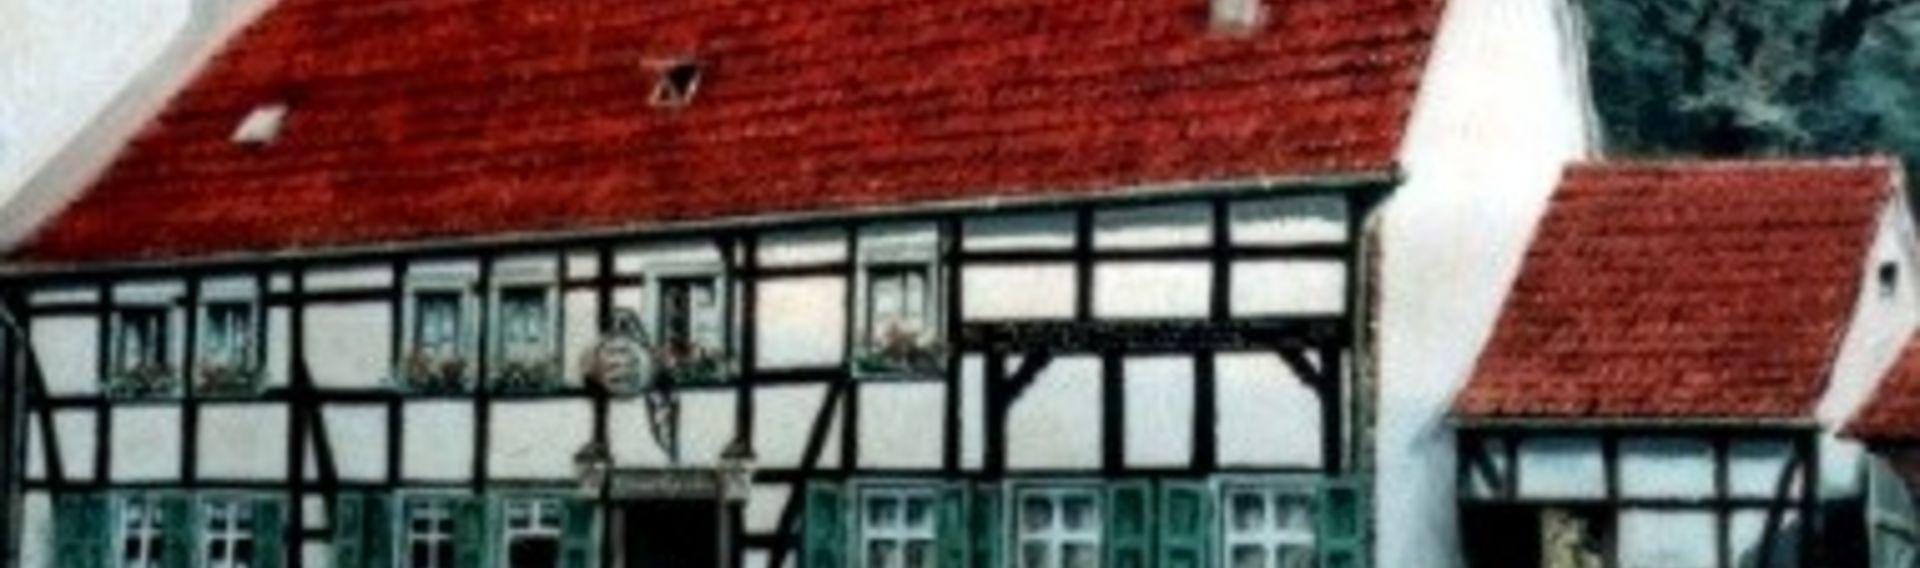 Restaurant in Dortmund mit Hund – Altes Gasthaus Grube